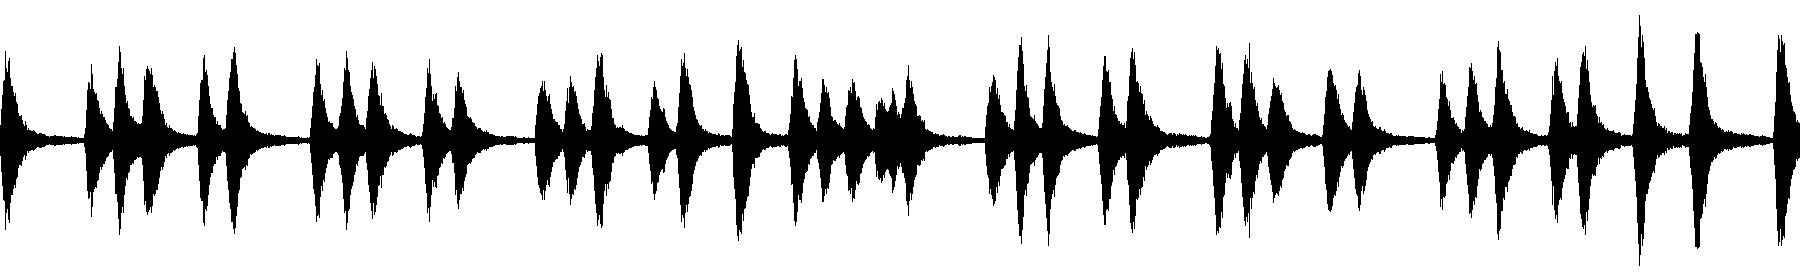 melody 03bpm85keyb